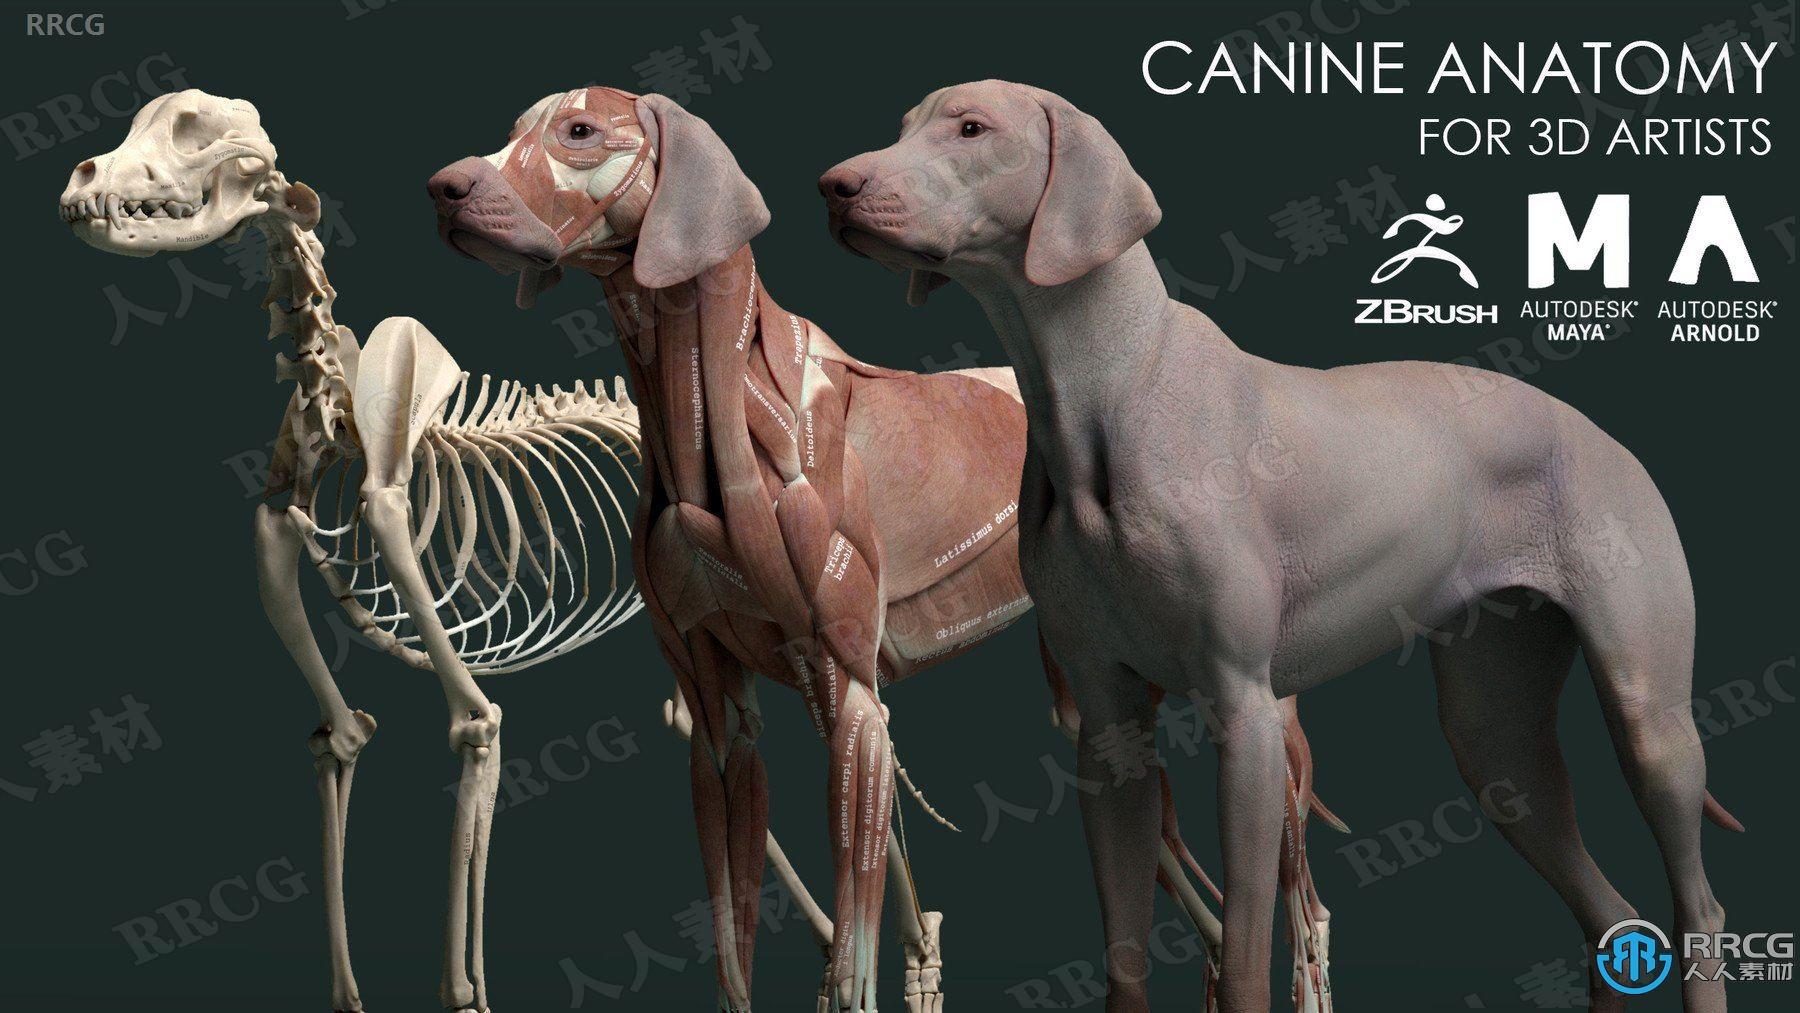 狗犬类动物皮肤肌肉骨骼解剖学高精度3D模型